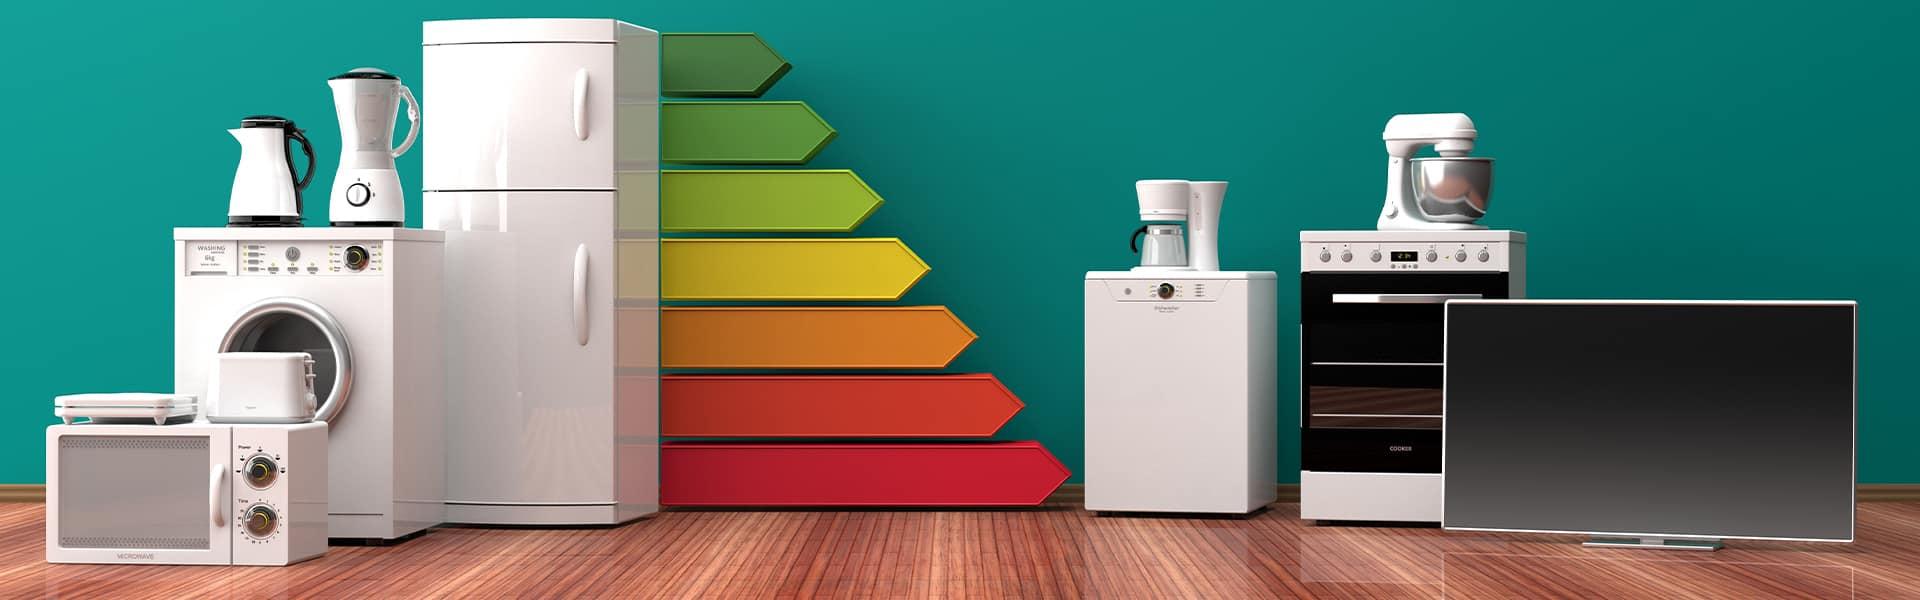 Électricité quels appareils consomment le plus dans ma maison